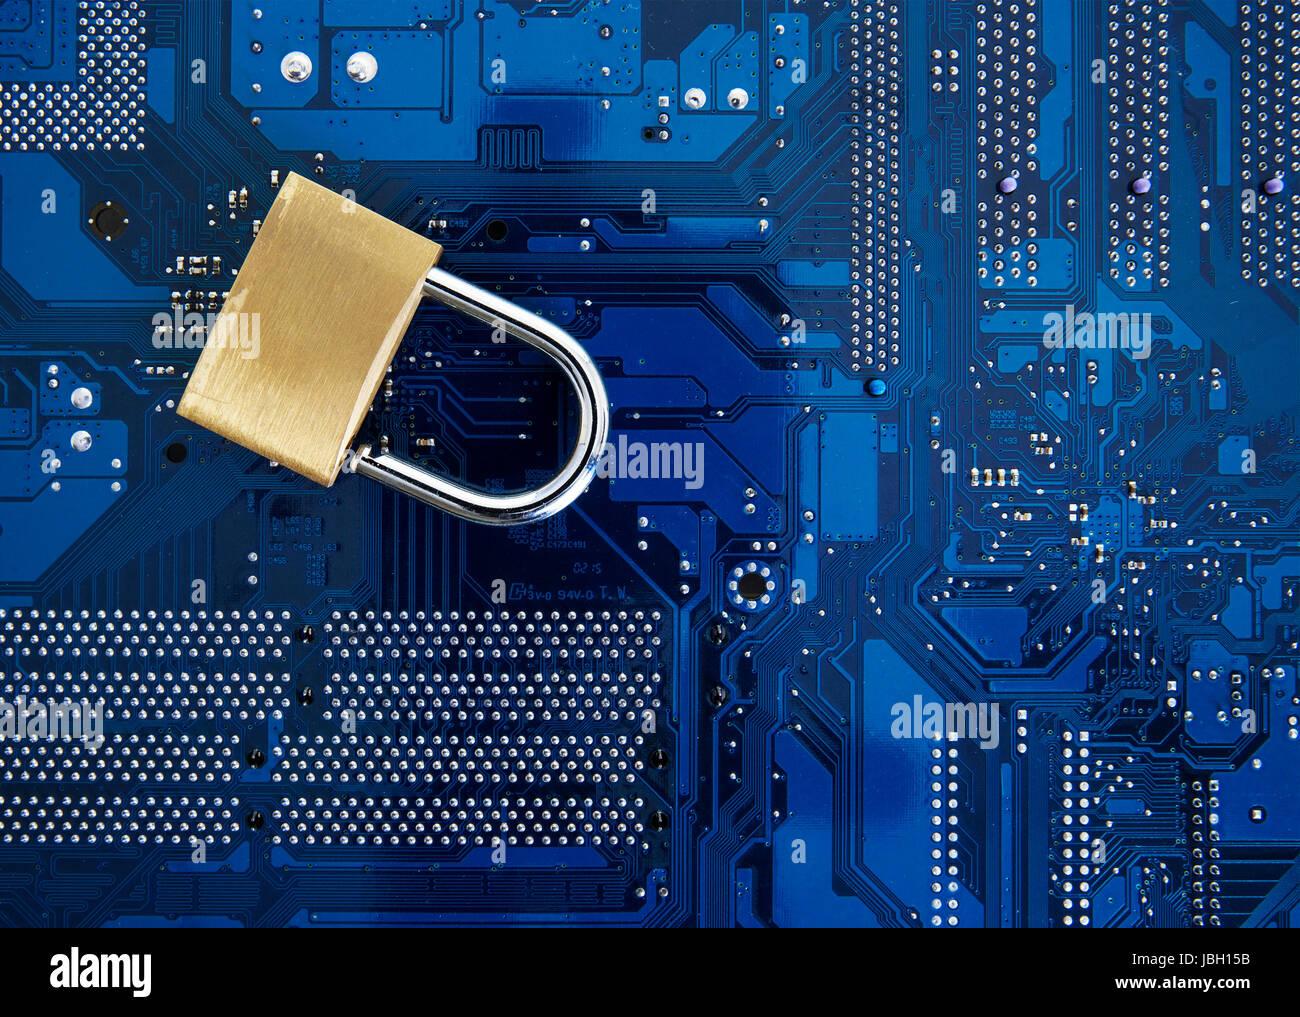 Seguridad informática - bloqueo de seguridad en la placa de circuitos de computadora concepto de seguridad Imagen De Stock